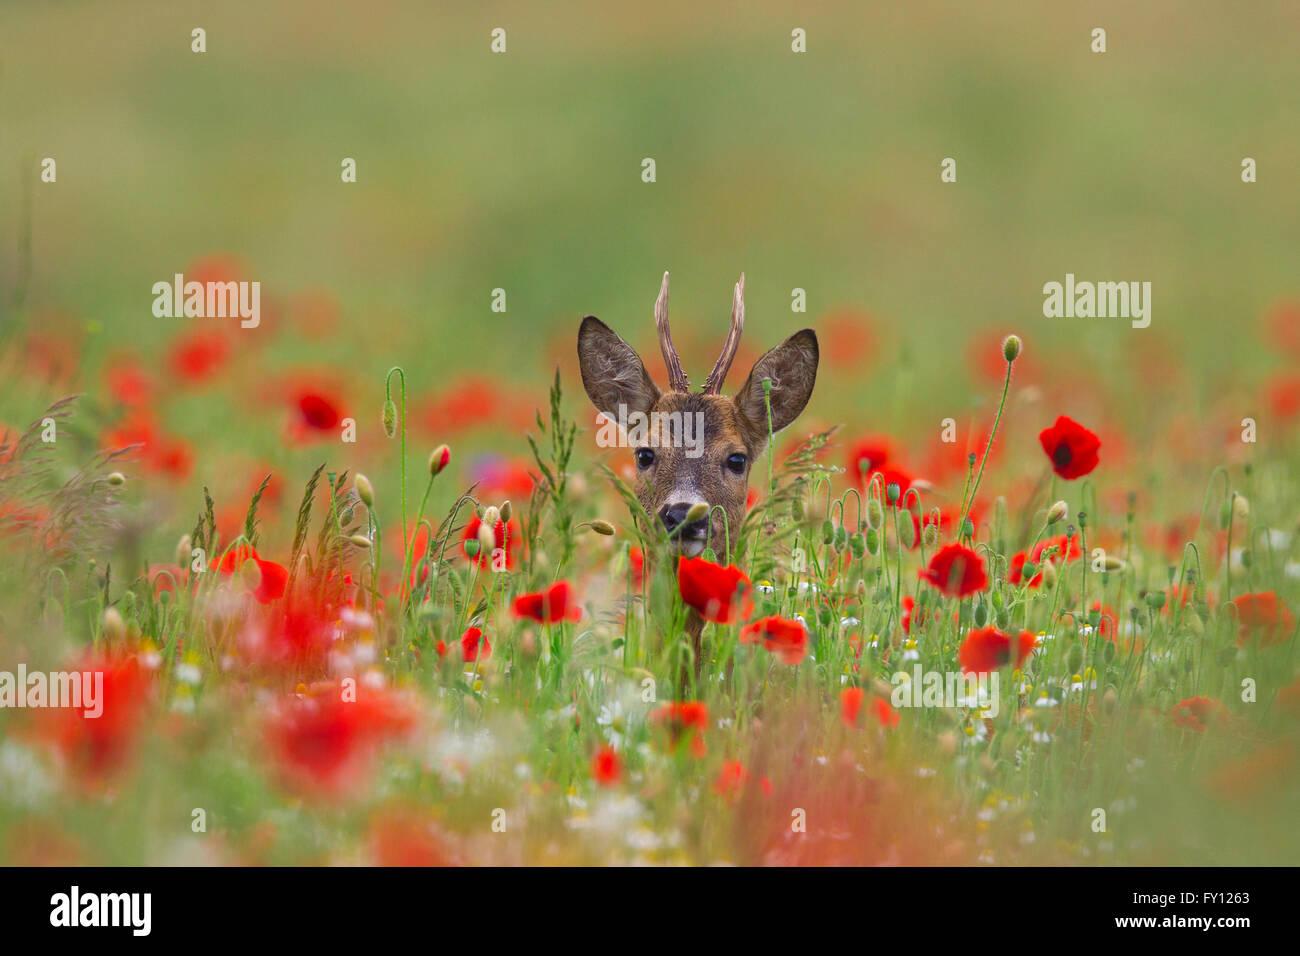 Roe deer (Capreolus capreolus) roebuck foraging in meadow with poppies in flower in spring / summer - Stock Image